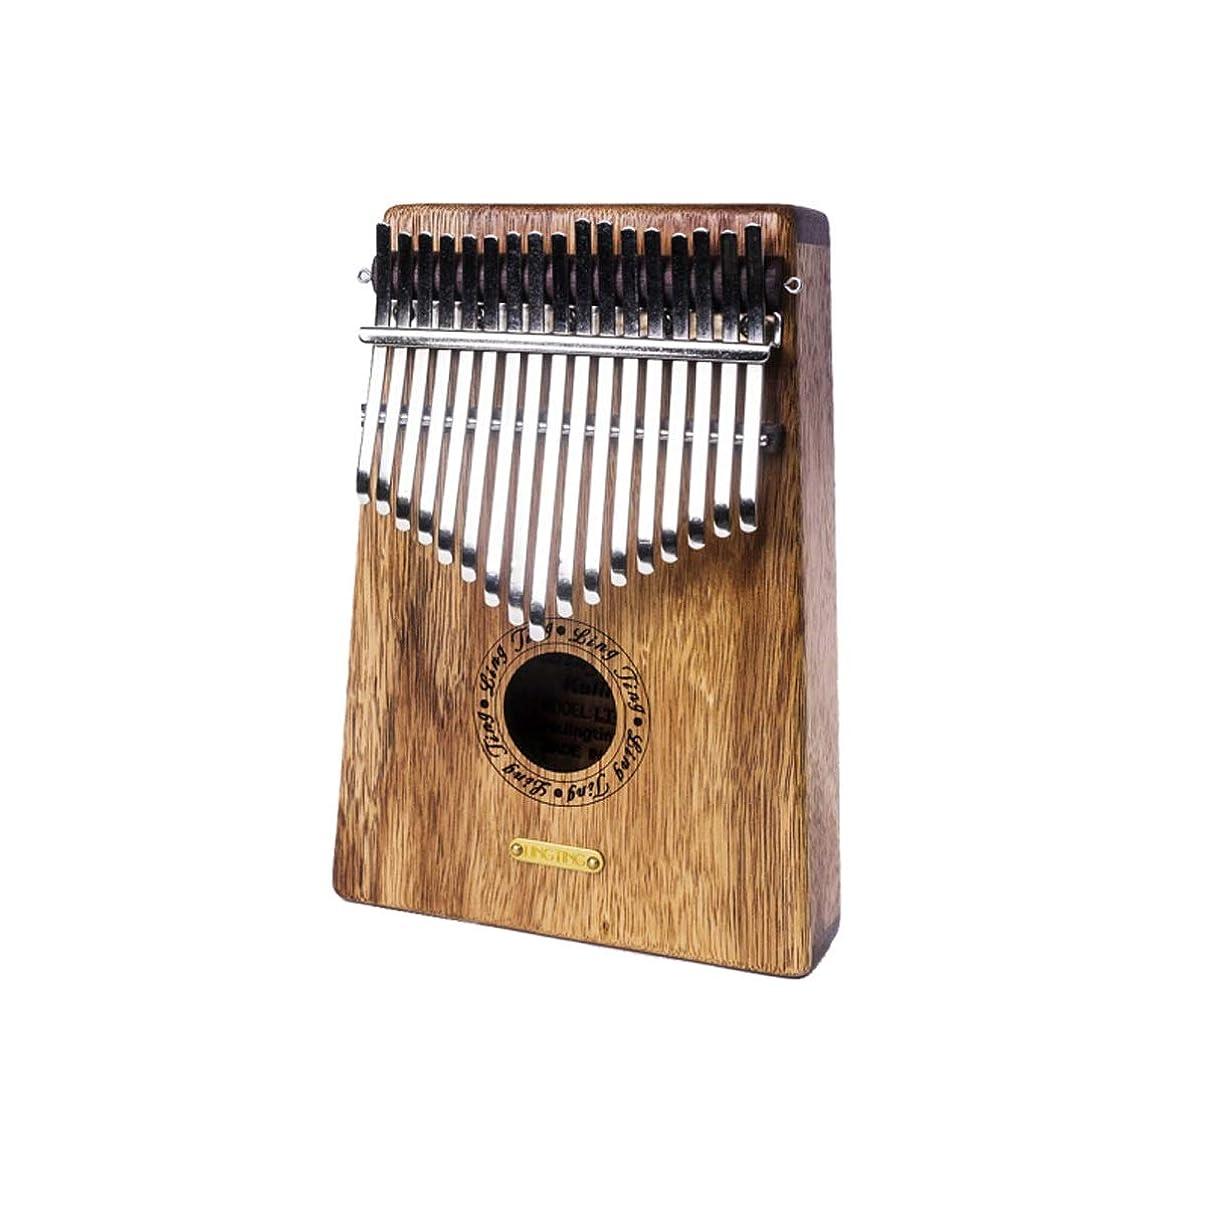 美人バレル前投薬ポータブル親指ピアノ17キーピアノ初心者指ピアノマホガニー、竹ボディ、初心者に適した、高度なパフォーマー、最高の贈り物 (Color : A)